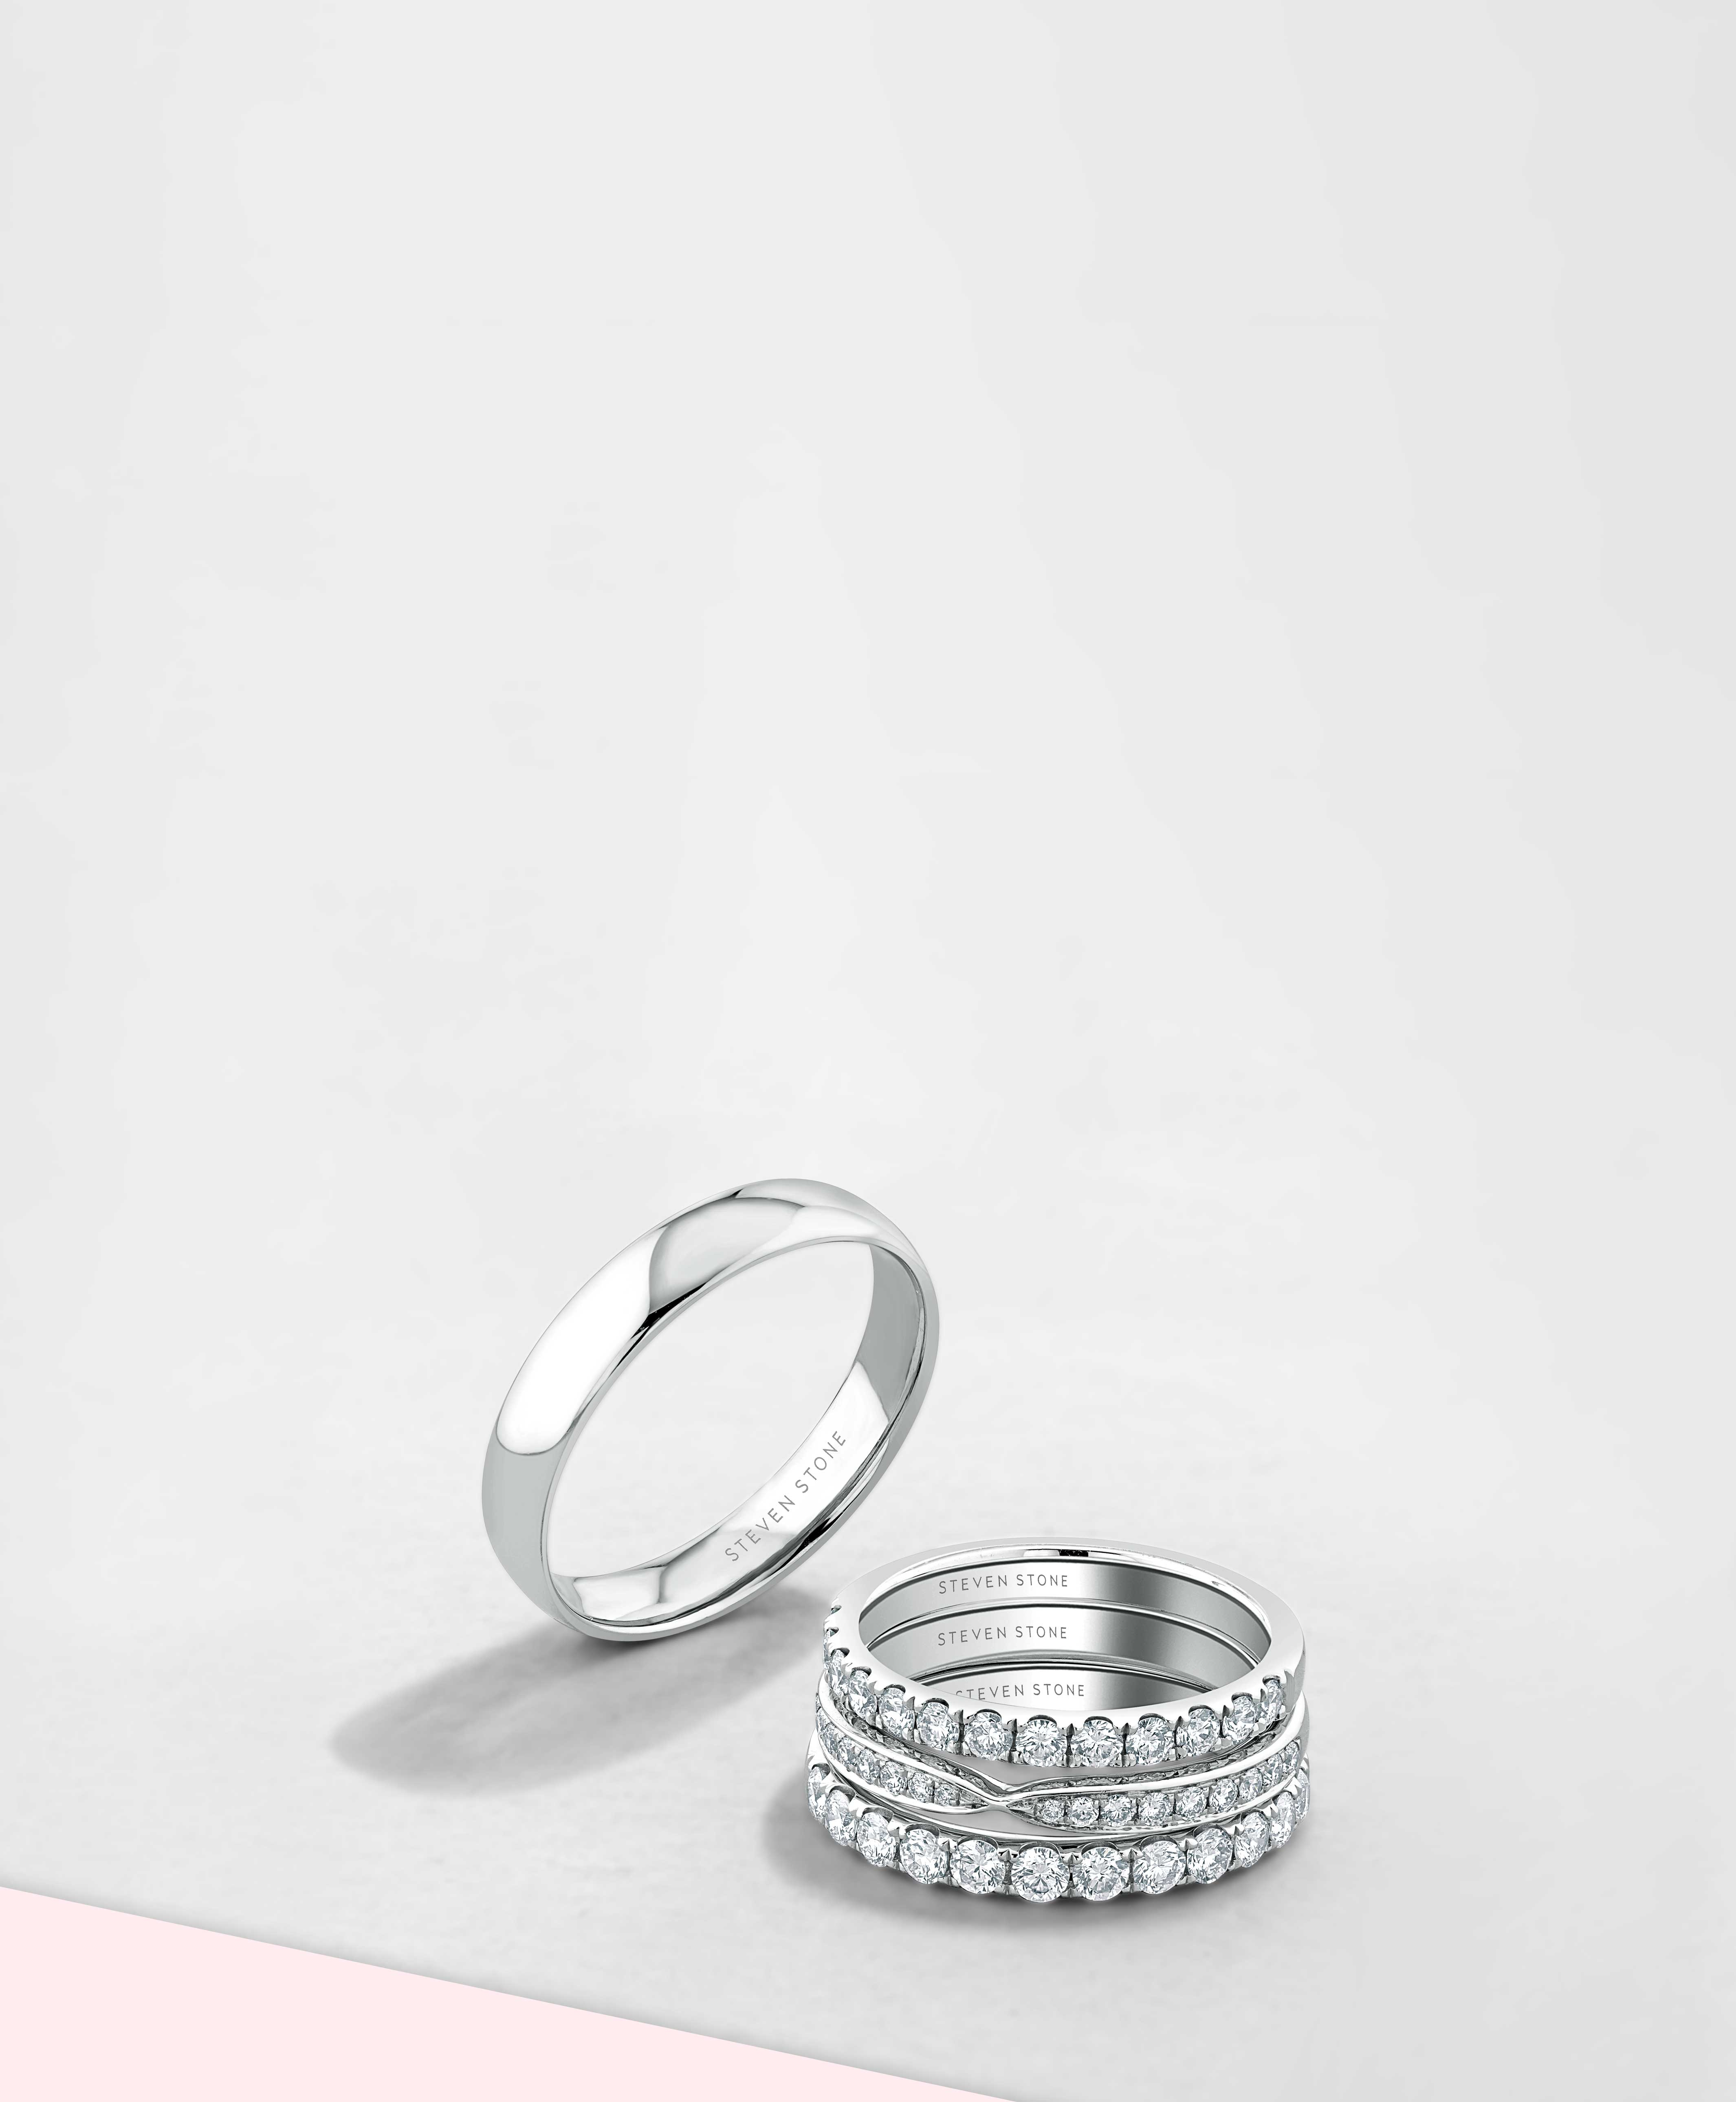 White Gold Plain Wedding Rings - Steven Stone